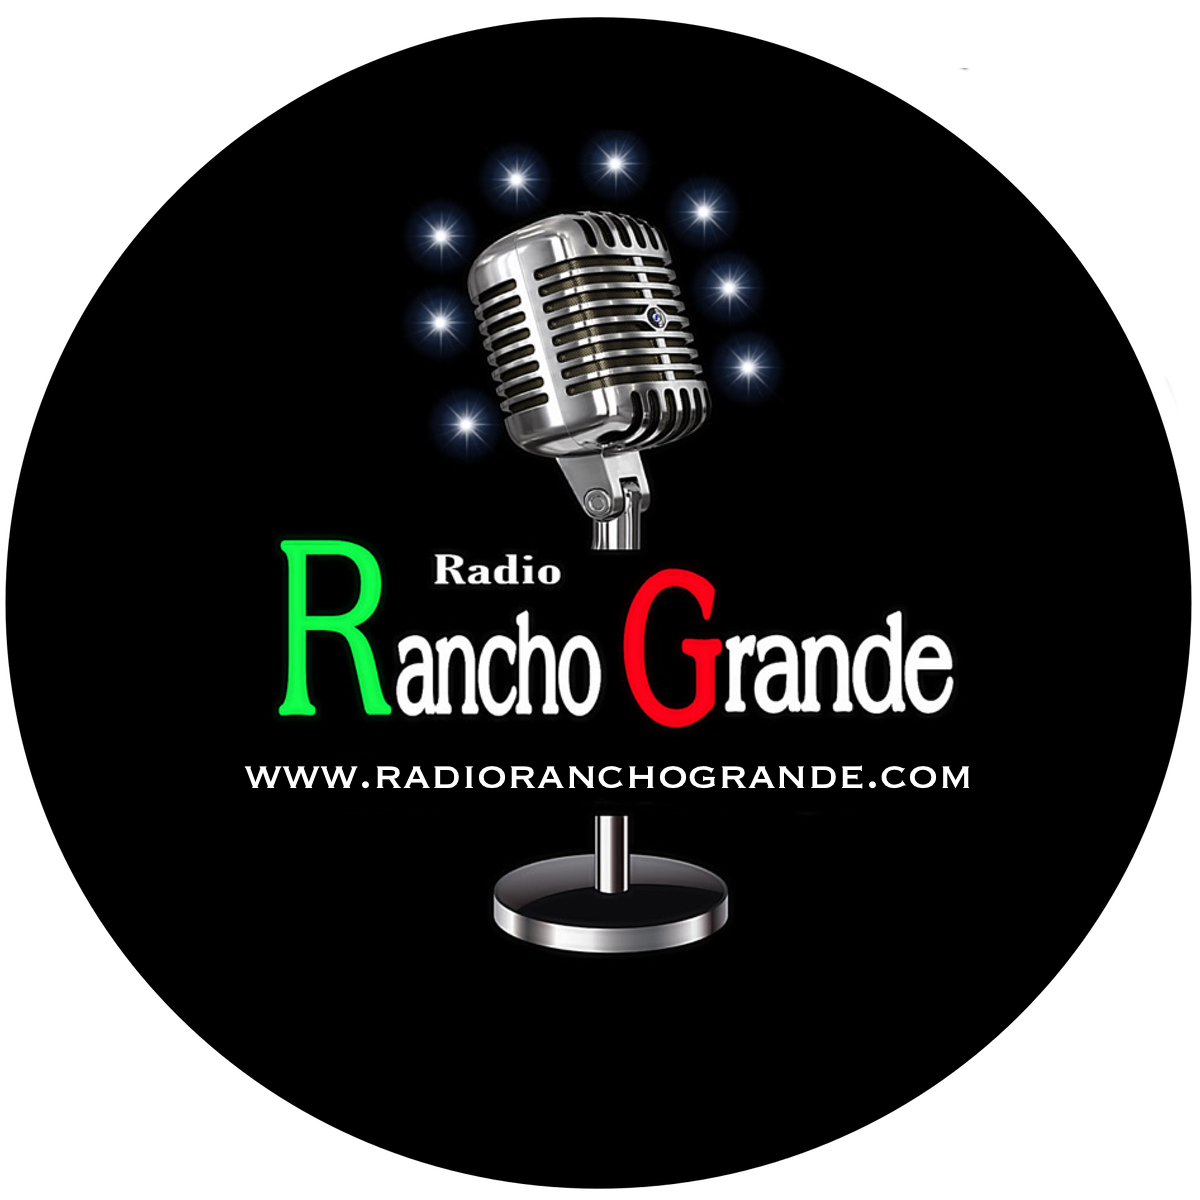 Radio Rancho Grande